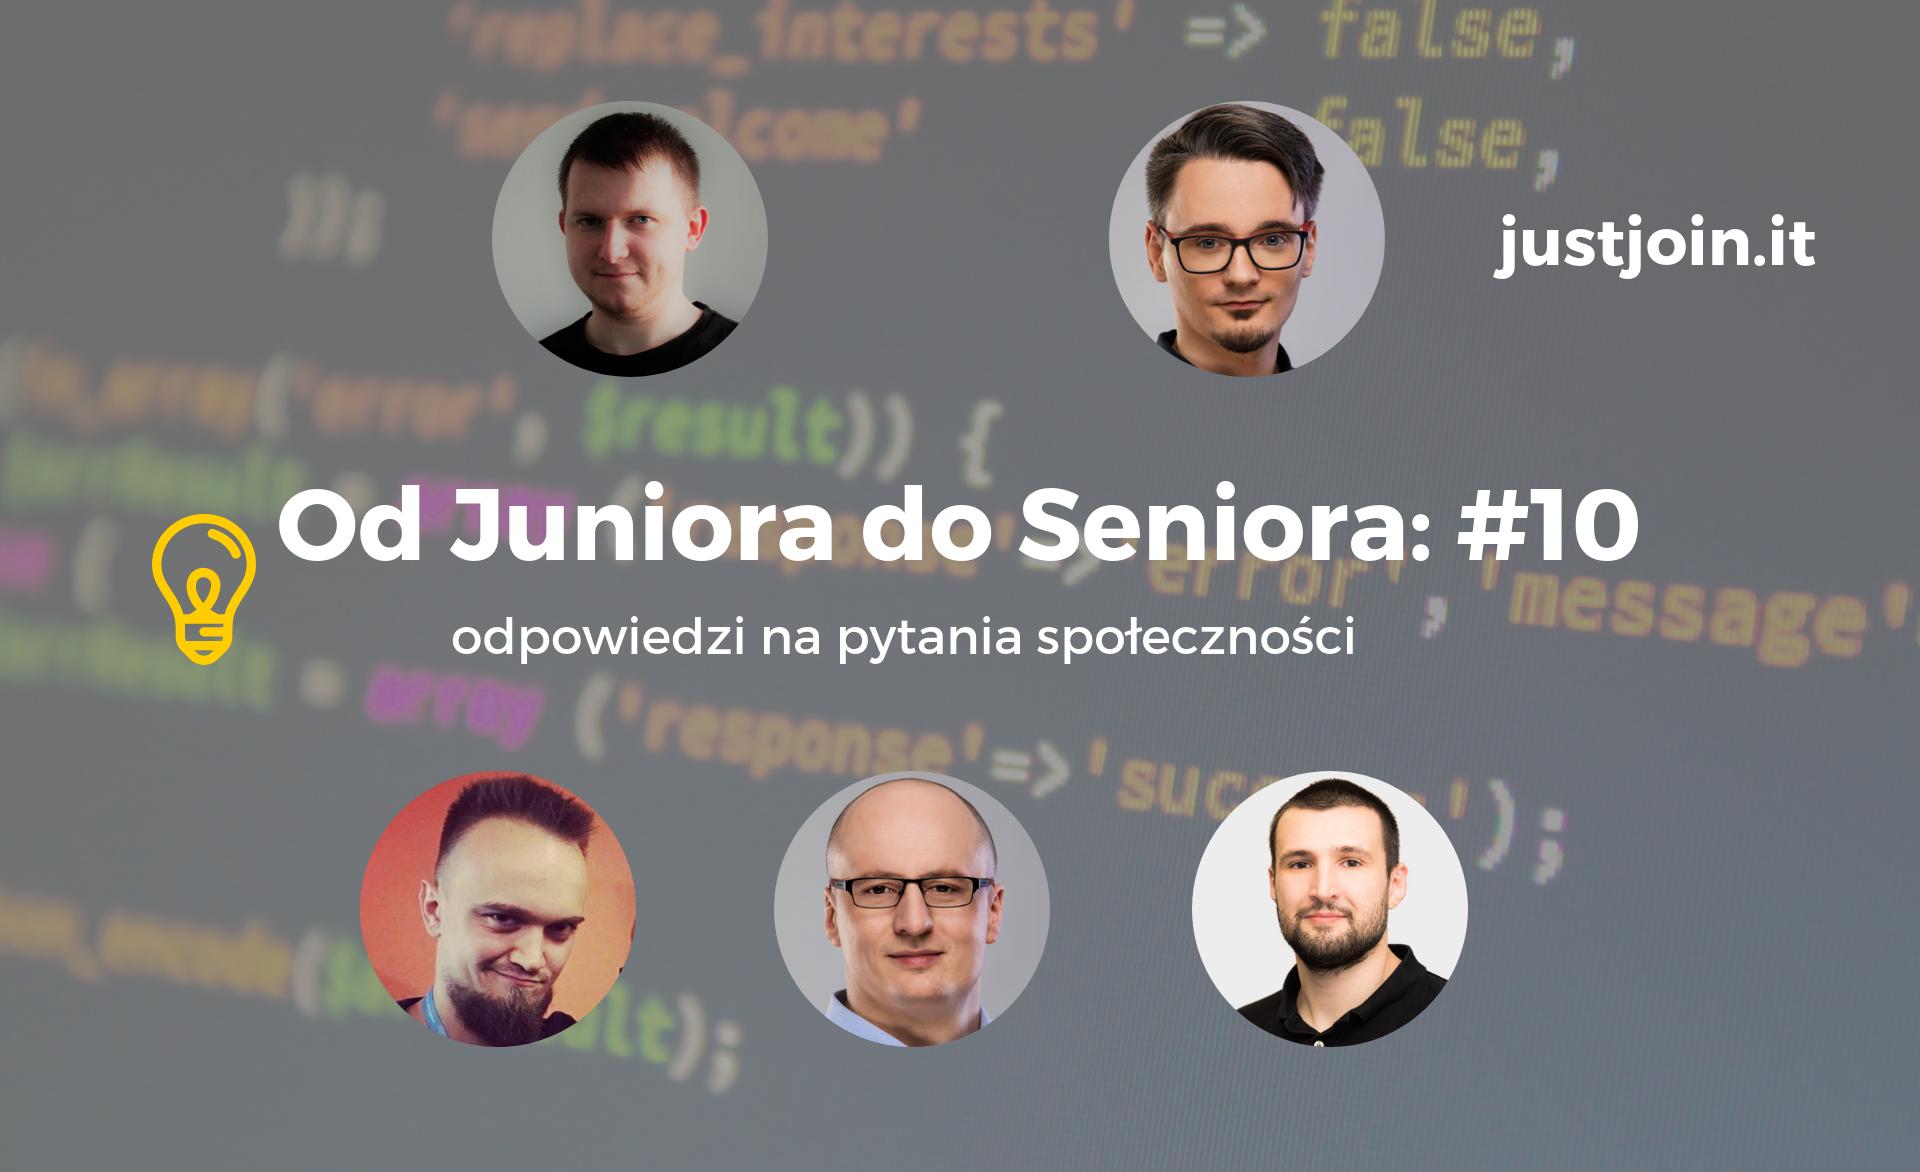 Od Juniora do Seniora: Odpowiedzi na pytania społeczności #10 - Just Geek IT.